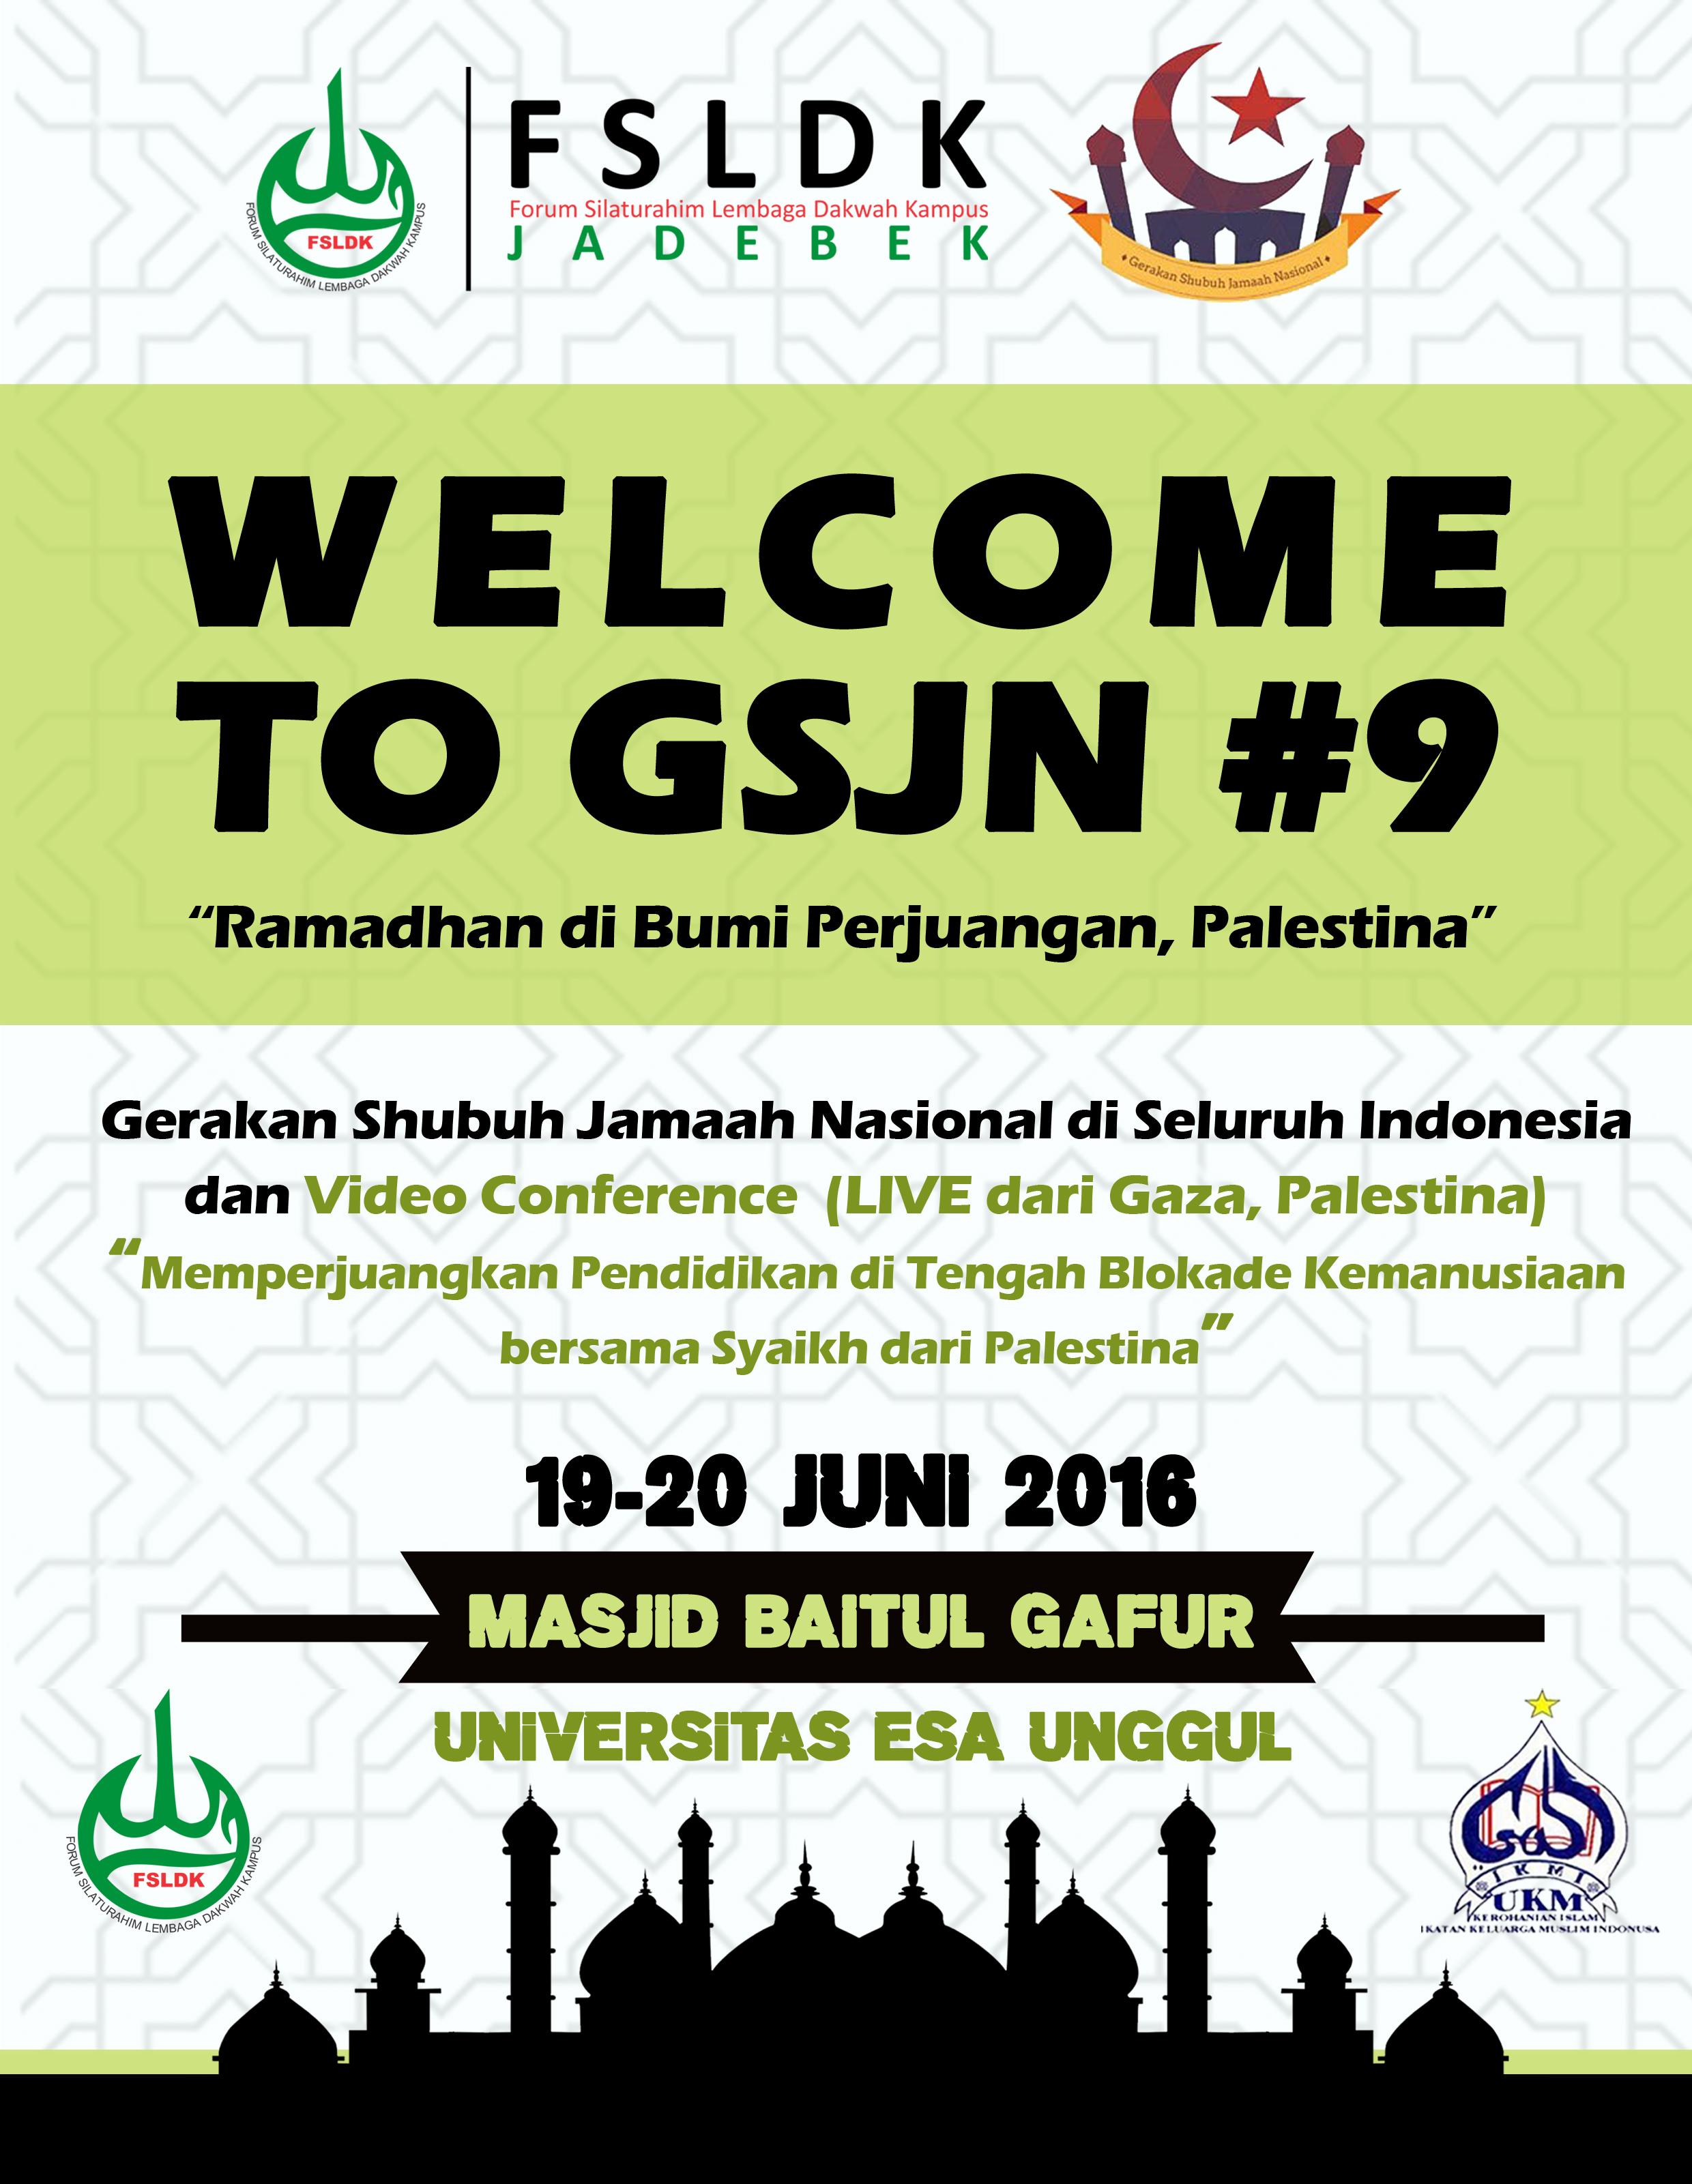 Gerakan Sholat Subuh Jamaah Nasional Bersama di Masjid Baitul Gafur Universitas Esa Unggul